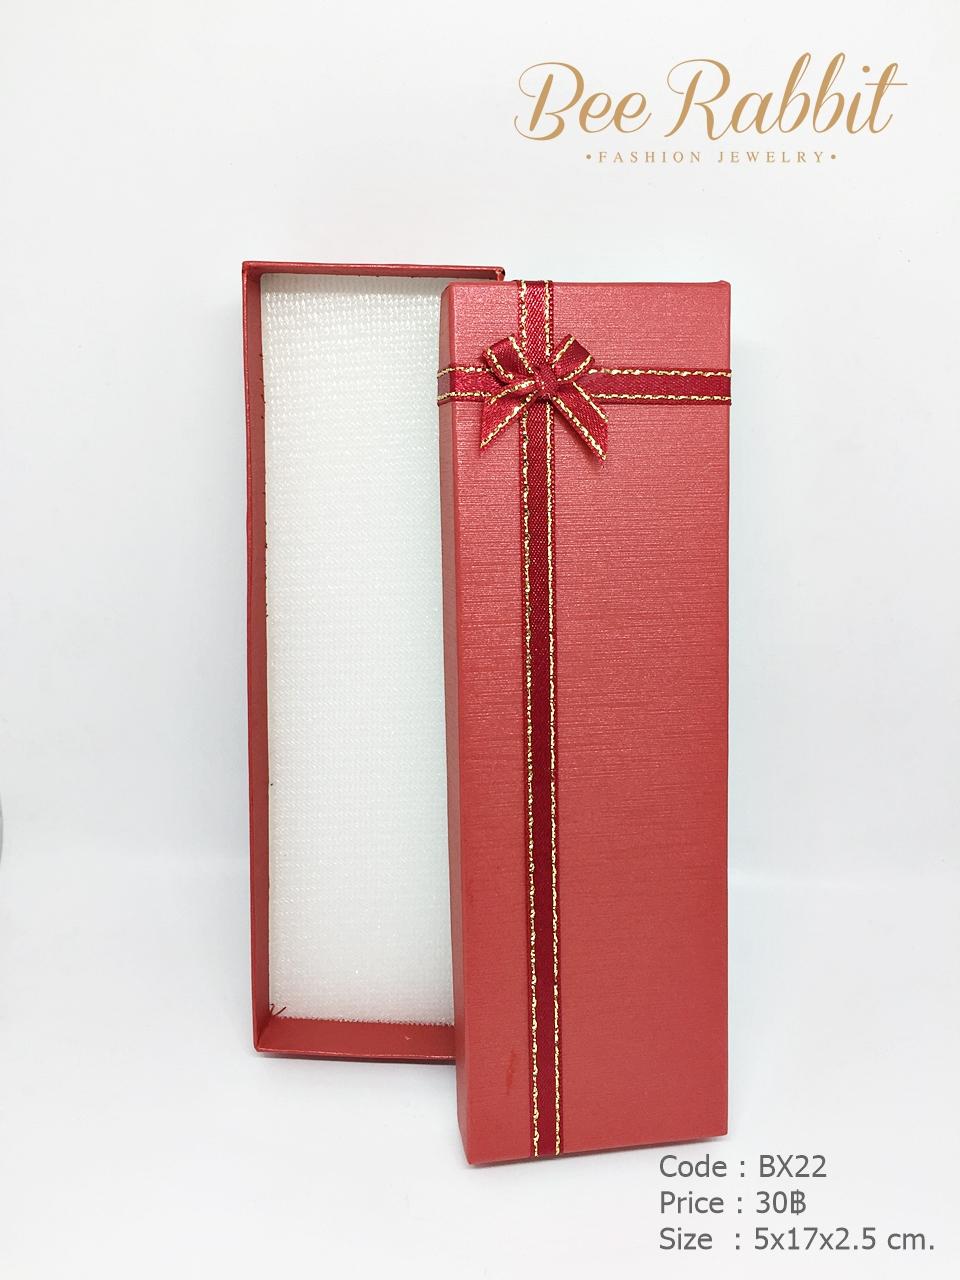 กล่องของขวัญสีแดง แบบยาว แต่งริบบิ้น